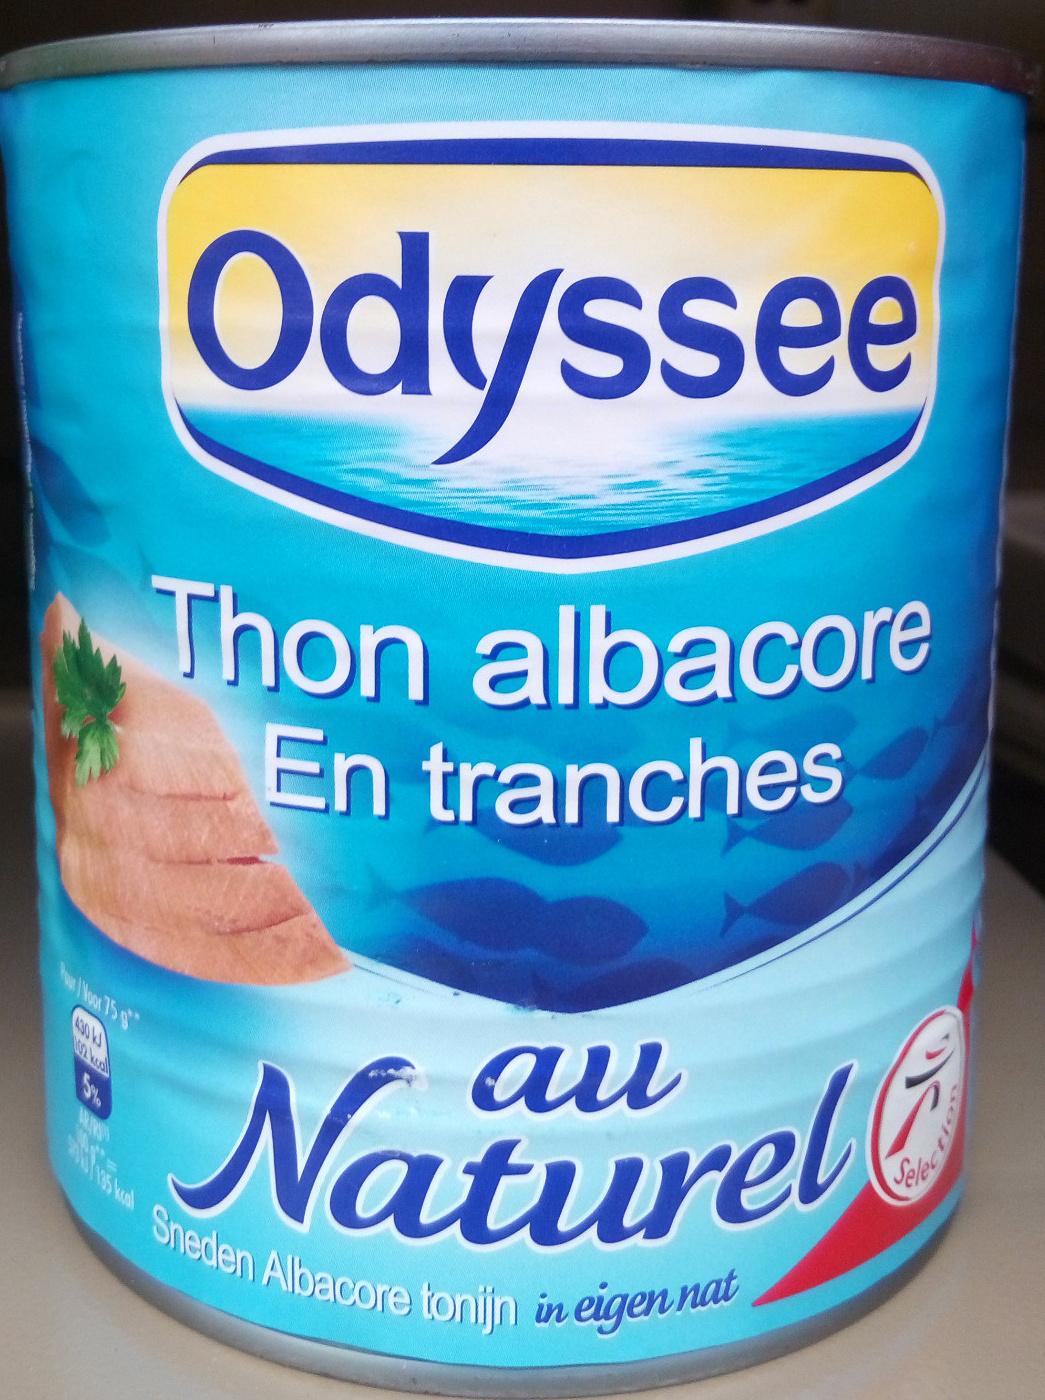 Thon albacore en tranches au naturel - Produit